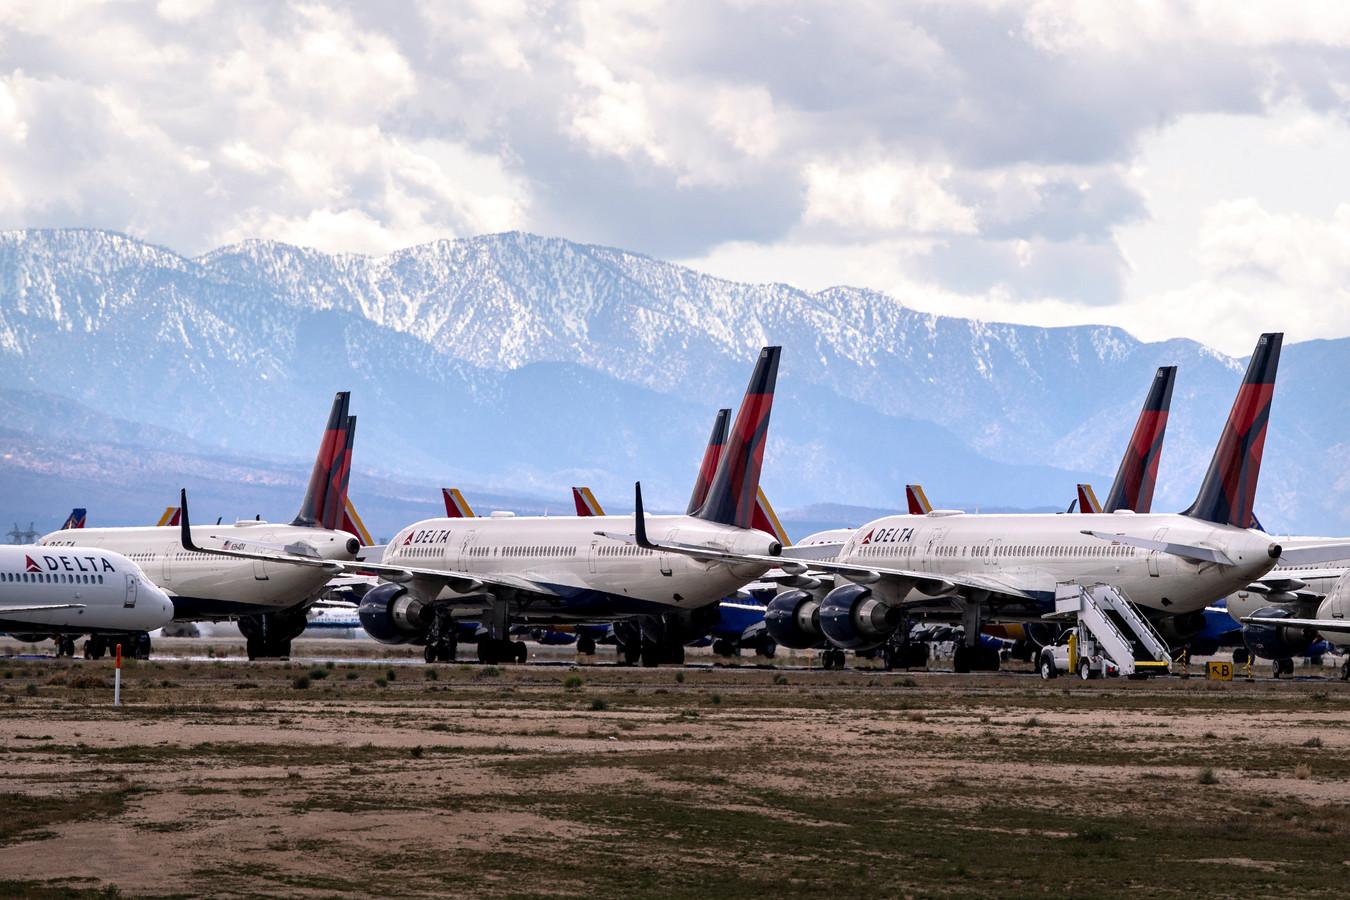 Toestellen van Delta Airlines staan geparkeerd op een luchthaven in de Californische woestijn